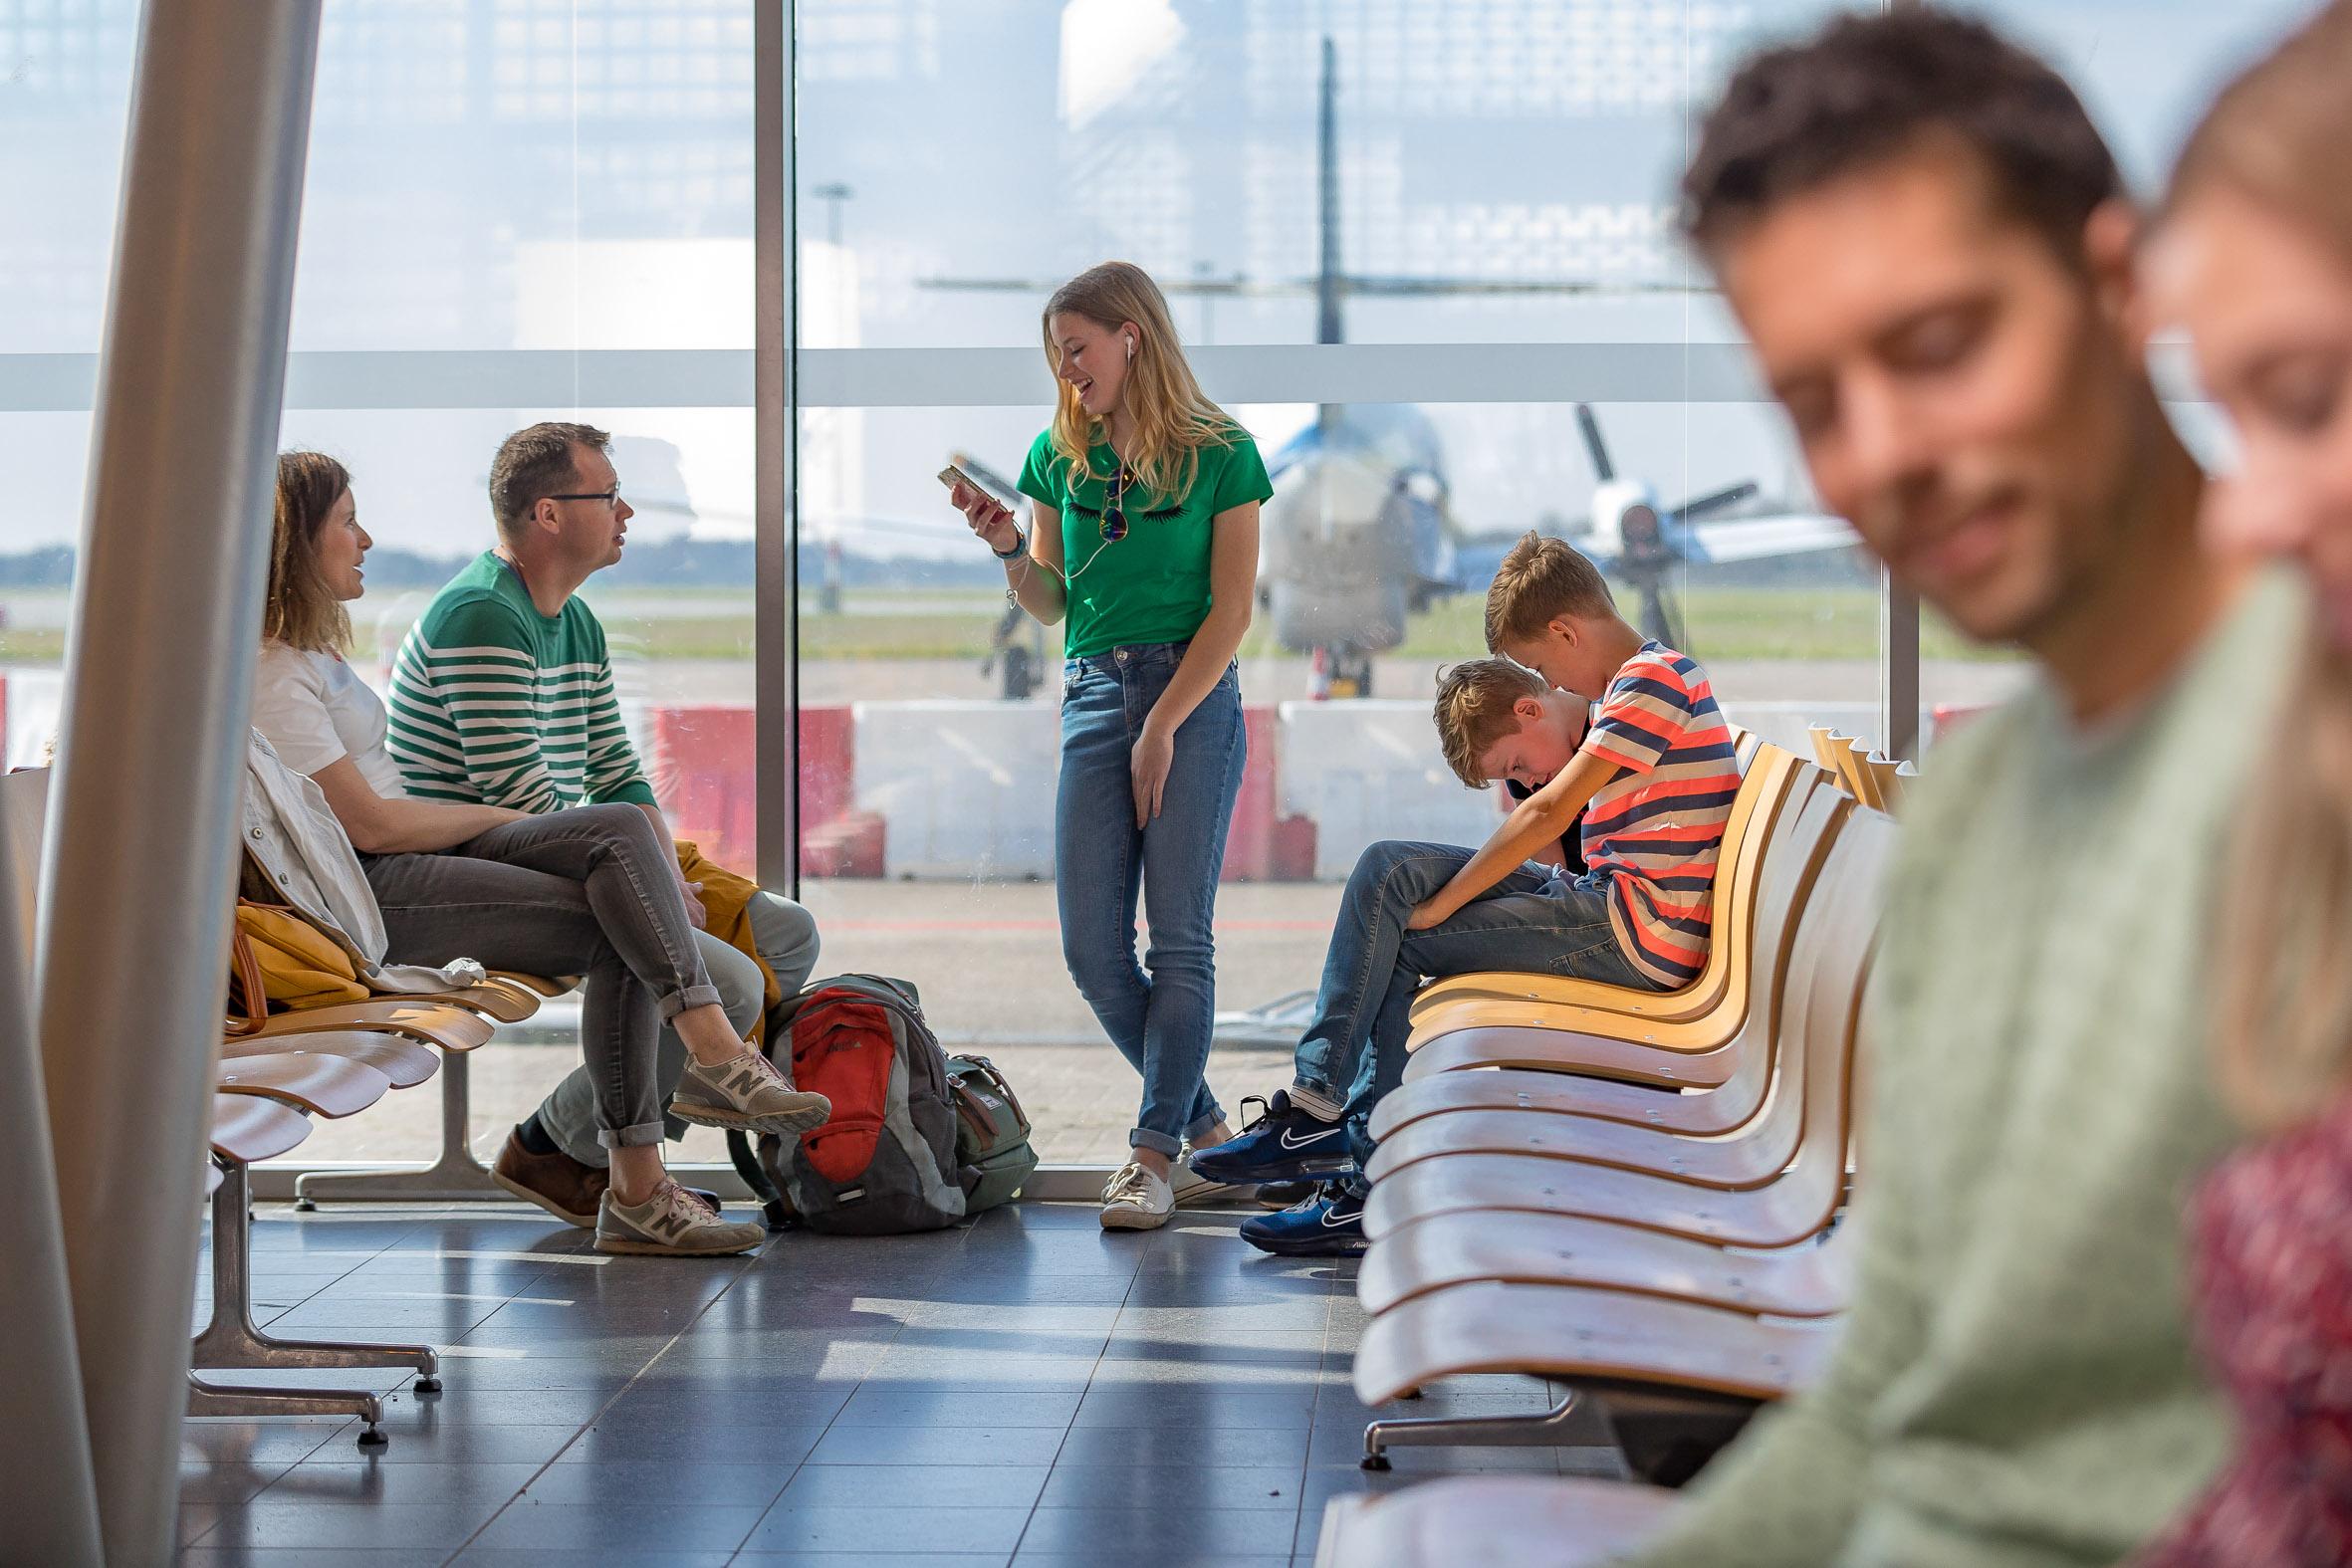 ANWB Beeldbank Fotografie van diverse situaties zoals aankomst vertrek wachten, op een vliegveld . Gefotografeerd op Groningen Airport Eelde Modellen Stel Wendy Vrijenhoek en Tom Heijboer, Gezin; Johan , Ravi, Kyan, Luna Liewes en Tjallie Massier